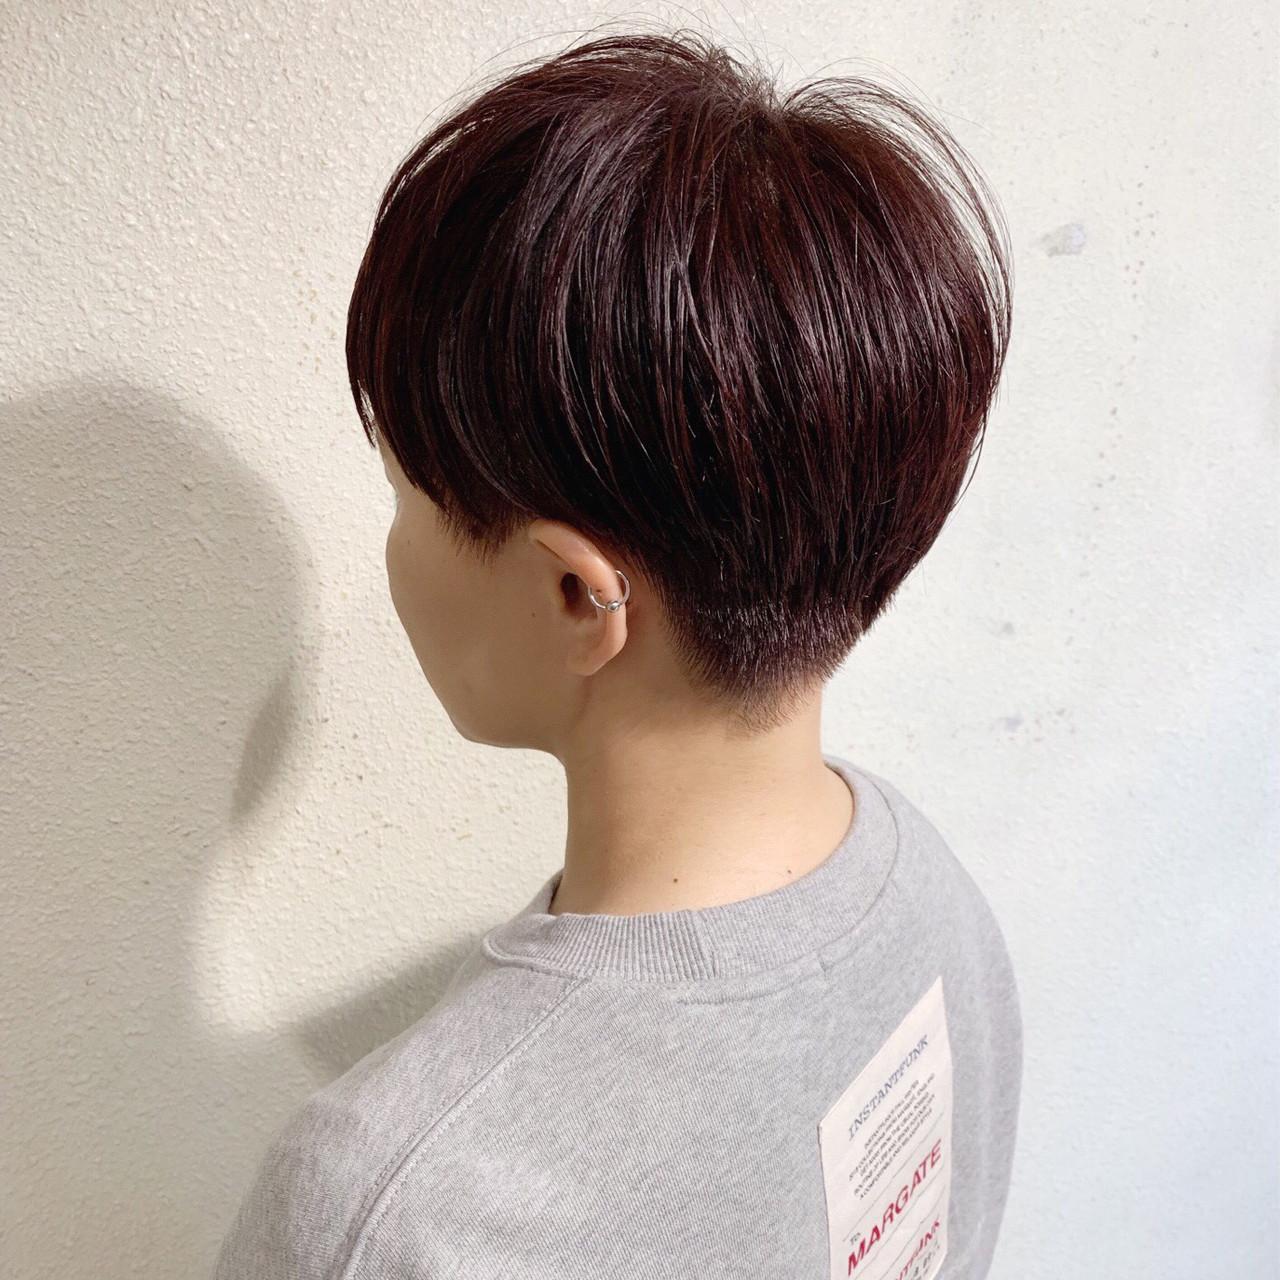 ストリート ショートヘア ショート ショートボブ ヘアスタイルや髪型の写真・画像